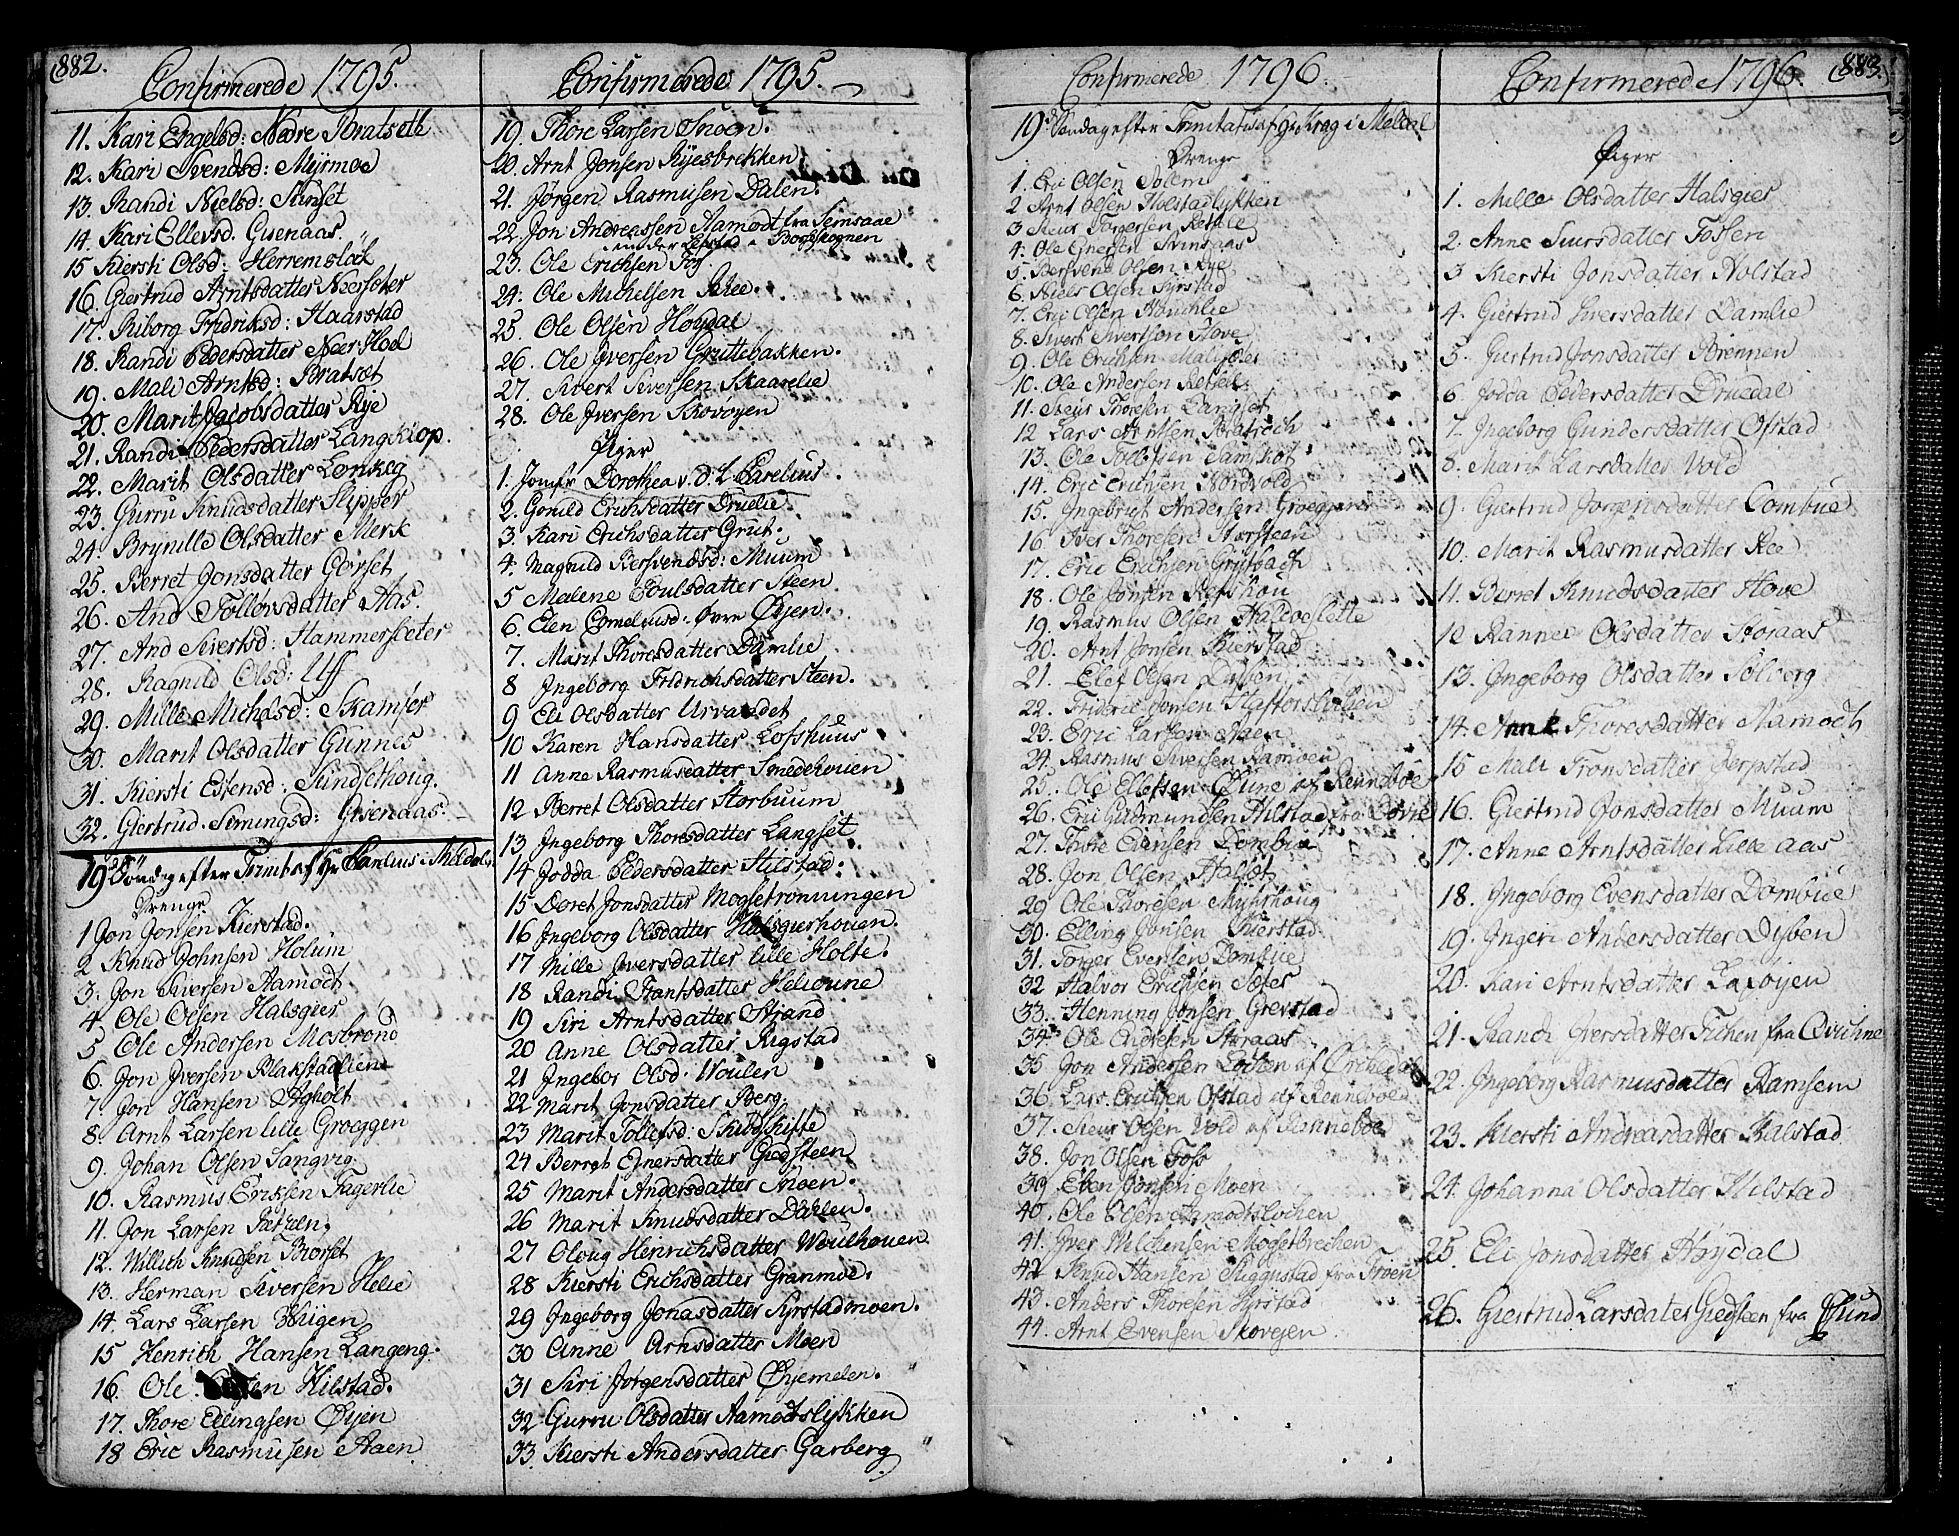 SAT, Ministerialprotokoller, klokkerbøker og fødselsregistre - Sør-Trøndelag, 672/L0852: Ministerialbok nr. 672A05, 1776-1815, s. 882-883